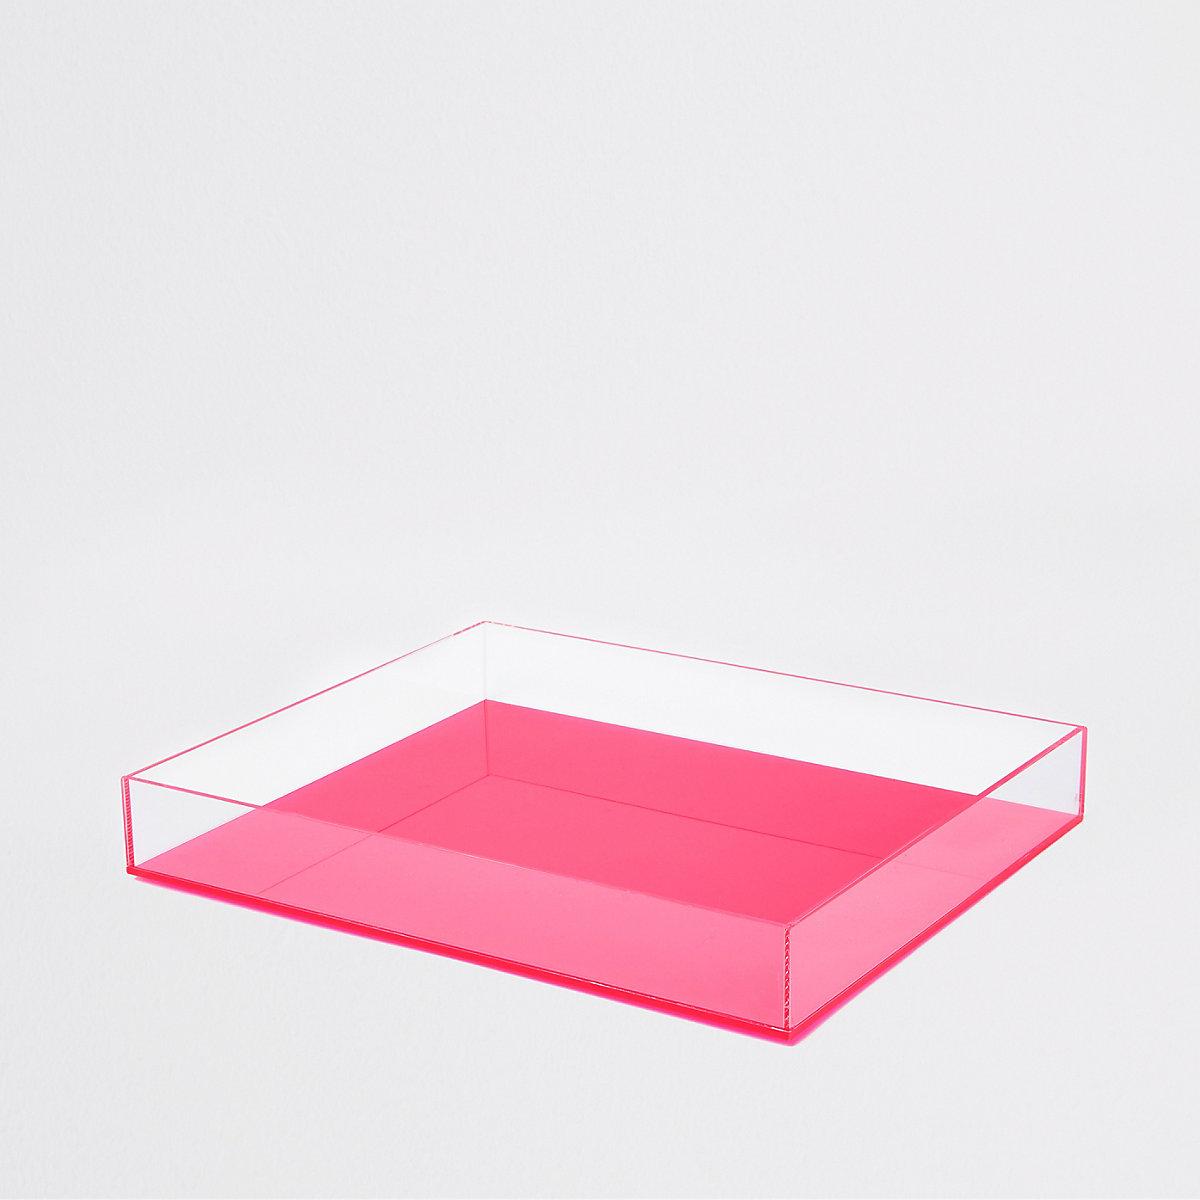 Large pink acrylic tray